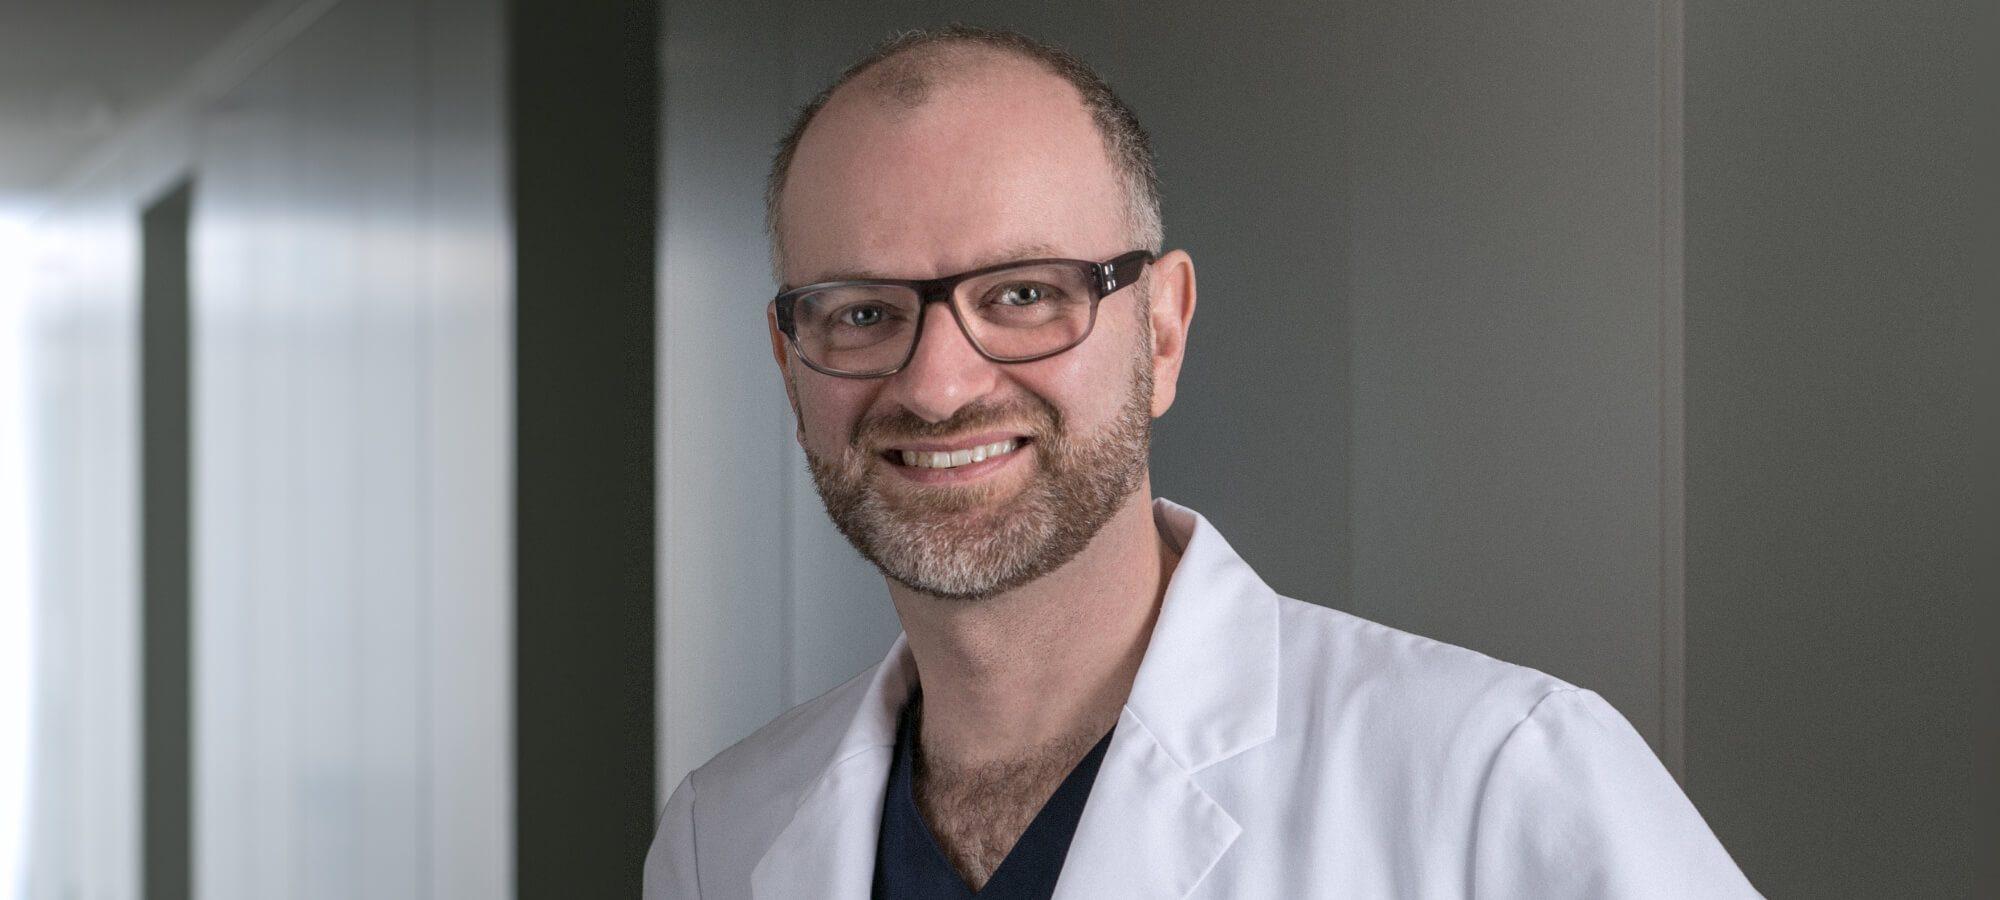 Dr. Dr. Daniel Groisman